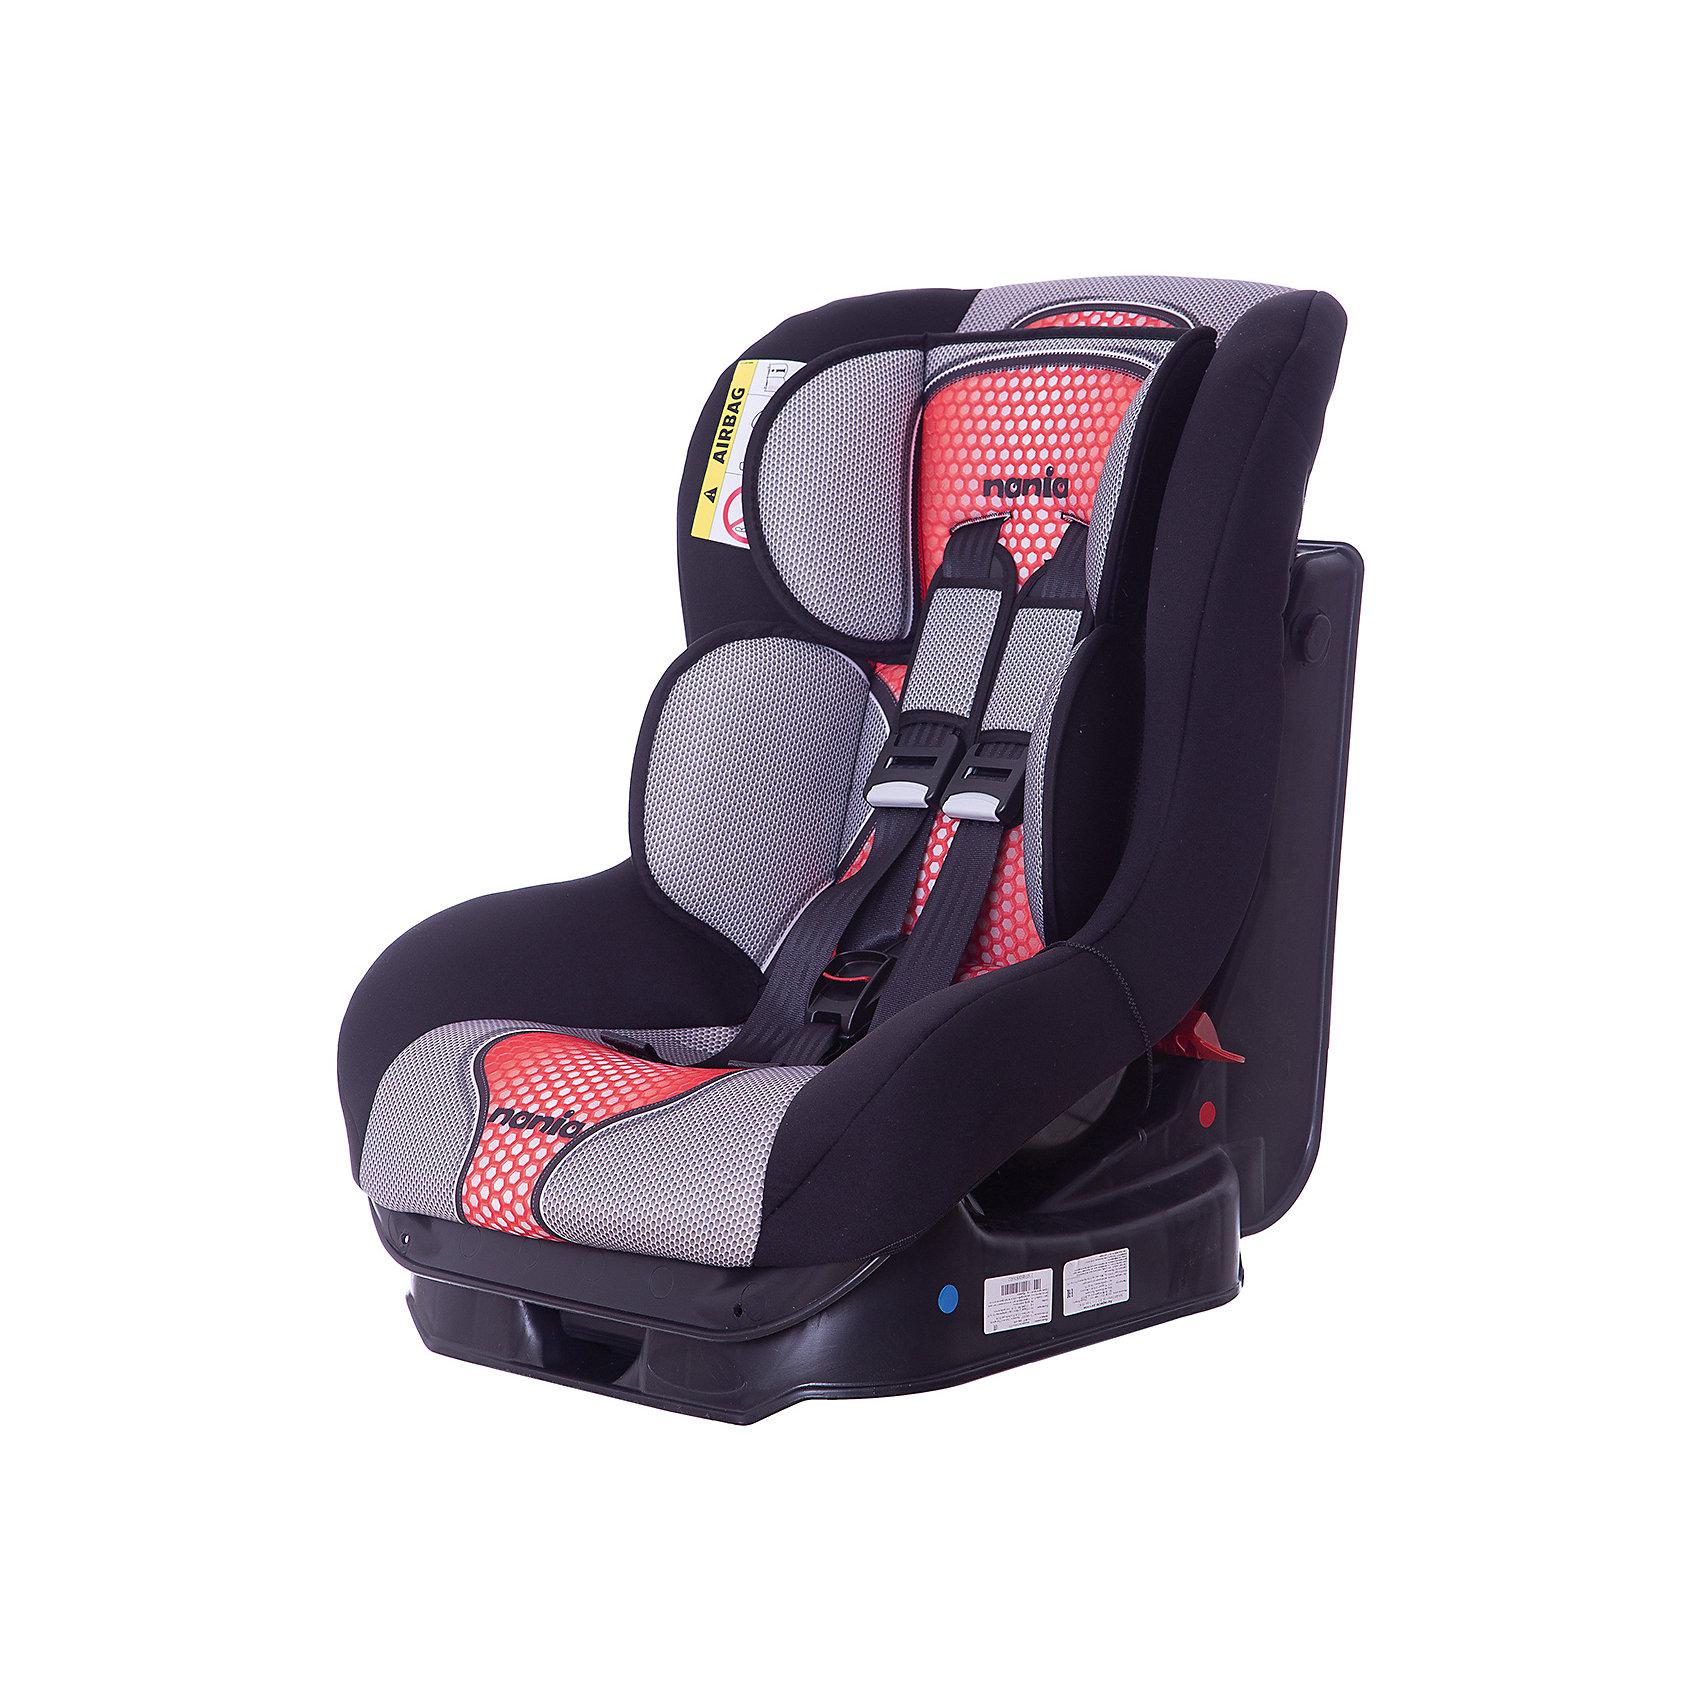 Автокресло Nania Driver FST, 0-18 кг, pop redГруппа 0+, 1 (До 18 кг)<br>Характеристики автокресла Nania Driver FST:<br><br>• группа 0-1;<br>• вес ребенка: до 18 кг;<br>• возраст ребенка: от рождения до 4-х лет;<br>• способ установки: по ходу движения автомобиля;<br>• способ крепления: штатными ремнями безопасности автомобиля;<br>• 5-ти точечные ремни безопасности с мягкими накладками;<br>• регулируемый наклон спинки;<br>• анатомический вкладыш для новорожденного, подголовник;<br>• дополнительная защита от боковых ударов;<br>• съемные чехлы, стирка при температуре 30 градусов;<br>• материал: пластик, полиэстер;<br>• стандарт безопасности: ЕСЕ R44/03.<br><br>Размер автокресла: 59х48х43 см<br>Размер упаковки: 45х50х60 см<br>Вес в упаковке: 4,44 кг<br><br>Обезопасить ребенка во время поездок на машине помогает детское автокресло. Группа автокресел 0/1 используется, пока вес ребенка находится в пределах 18 кг. Регулируемый наклон спинки позволяет малышу выбрать подходящее положение и для сна, и для игр. Малыша пристегивают встроенными ремнями безопасности, которые регулируются по длине. <br><br>Автокресло Driver FST, 0-18 кг., Nania, pop red можно купить в нашем интернет-магазине.<br><br>Ширина мм: 600<br>Глубина мм: 460<br>Высота мм: 520<br>Вес г: 12490<br>Возраст от месяцев: 0<br>Возраст до месяцев: 48<br>Пол: Унисекс<br>Возраст: Детский<br>SKU: 5287297